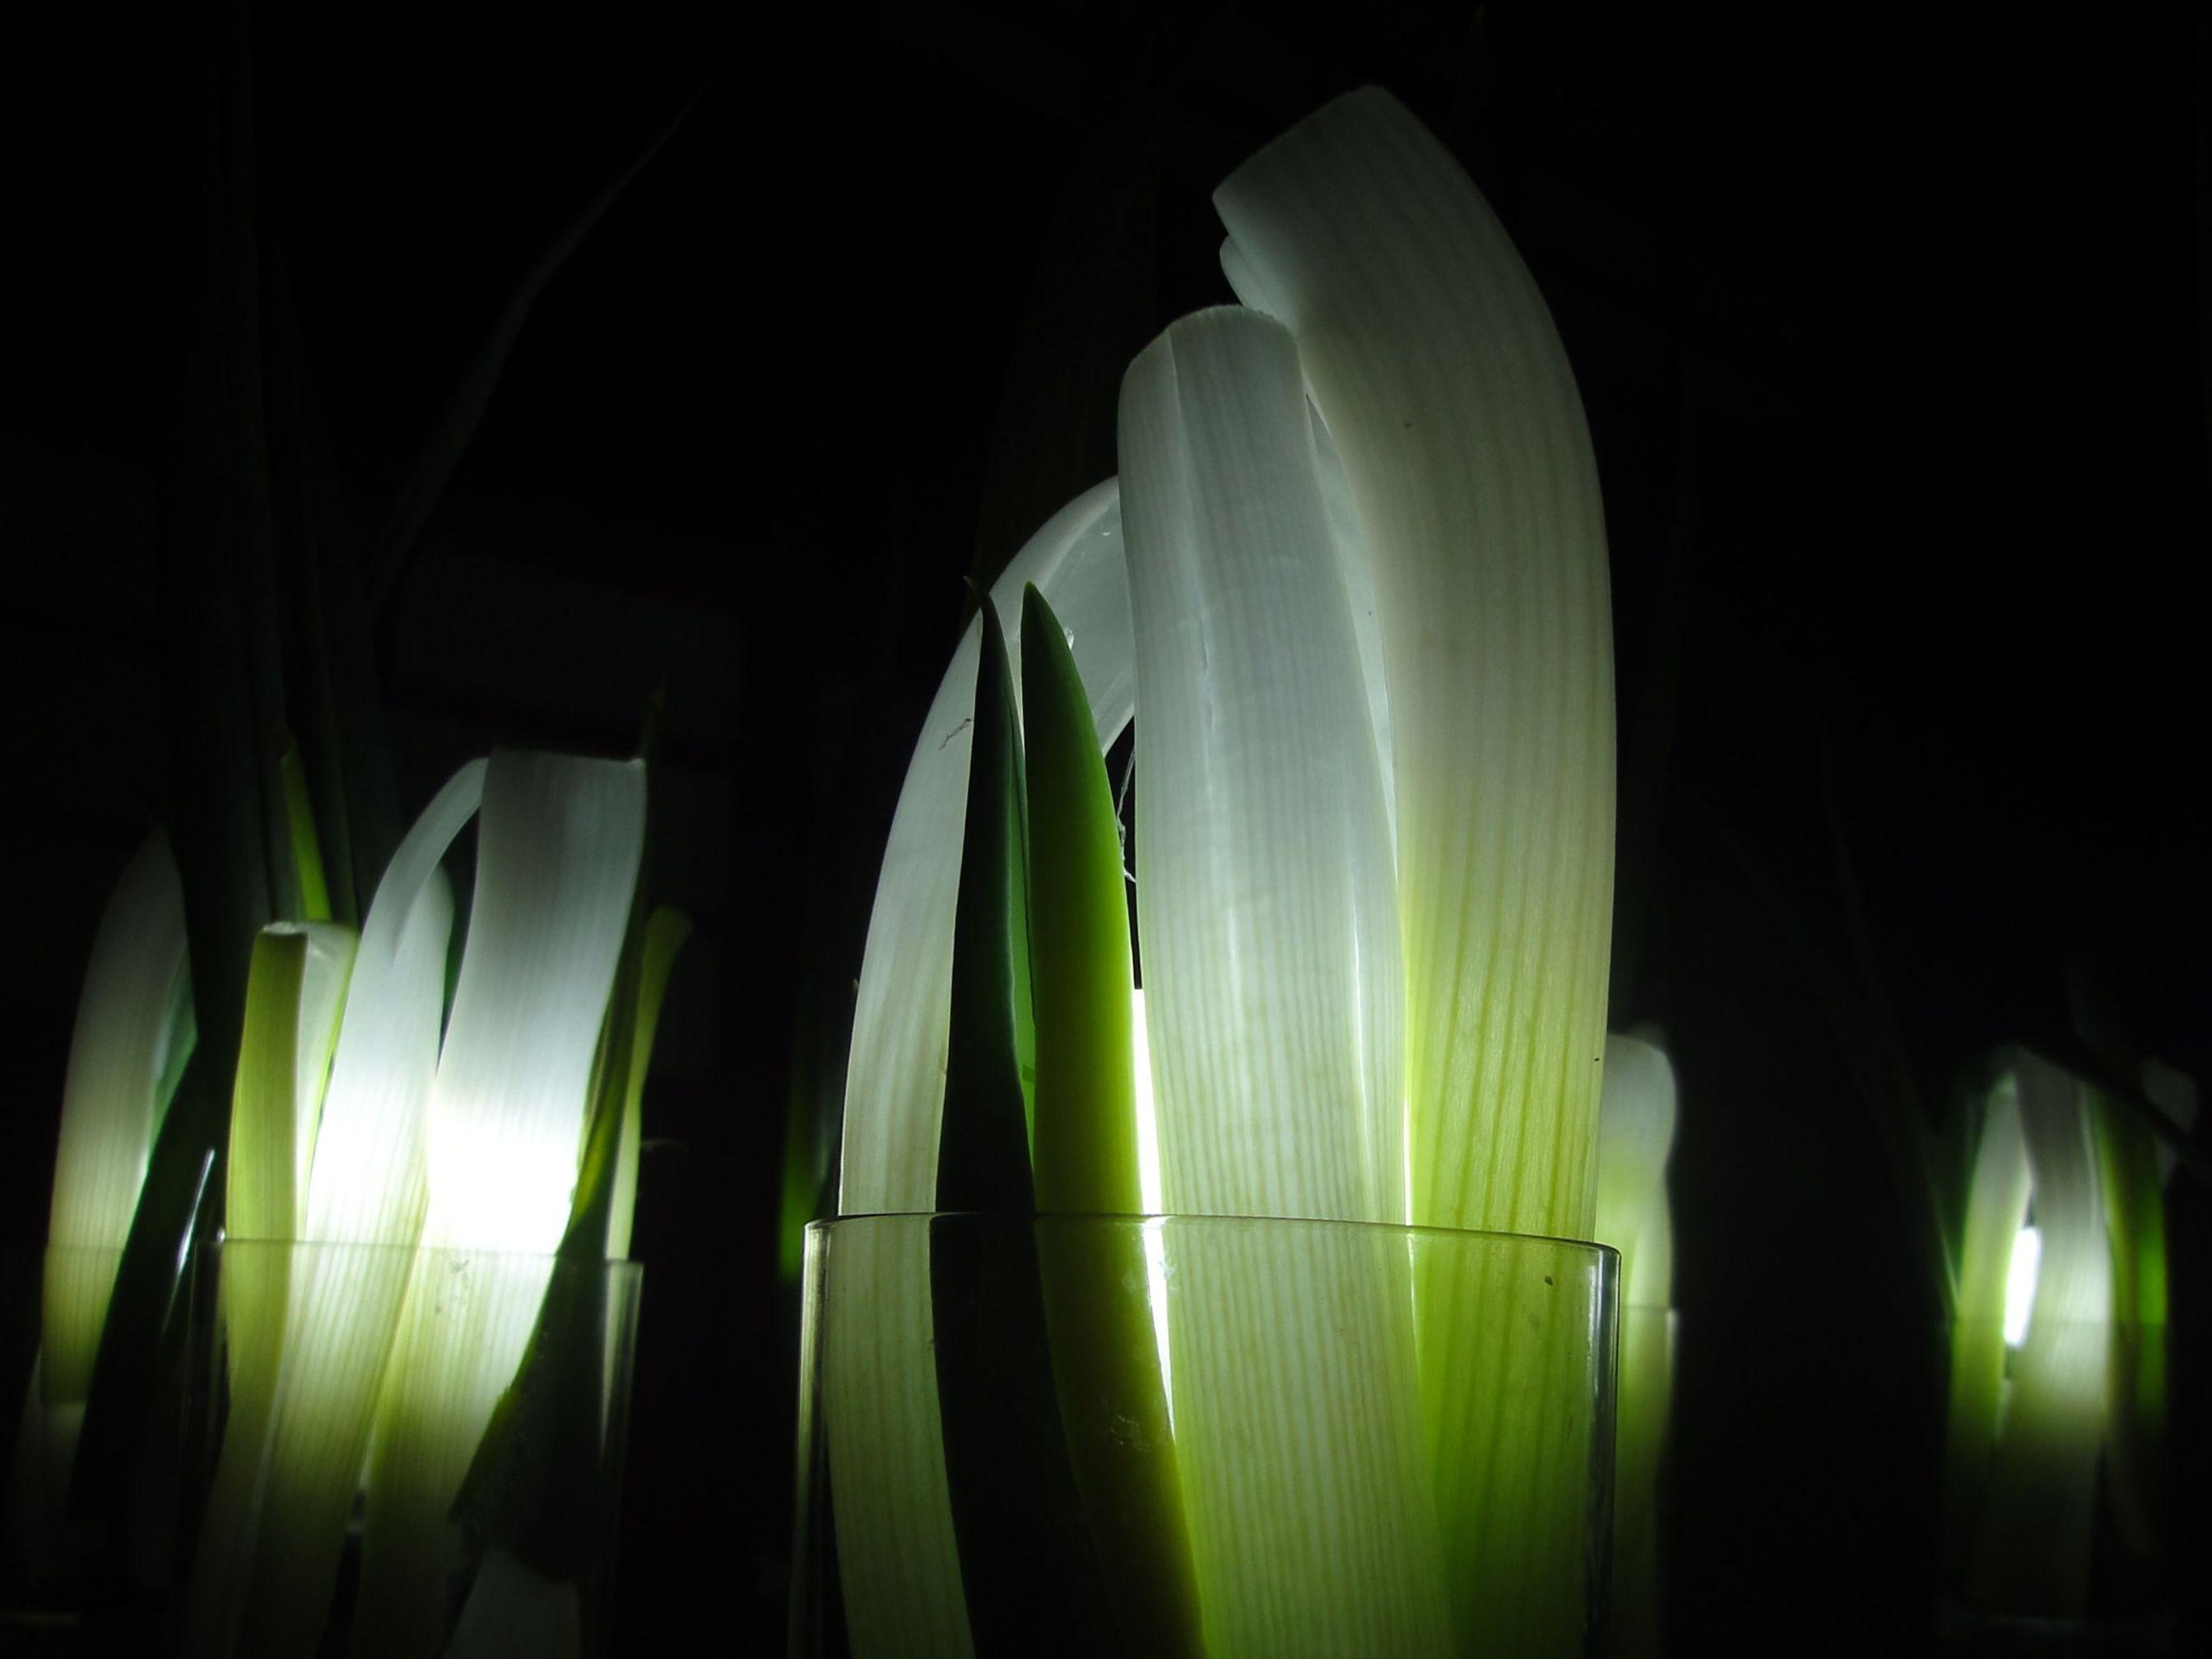 green onions   ネギ